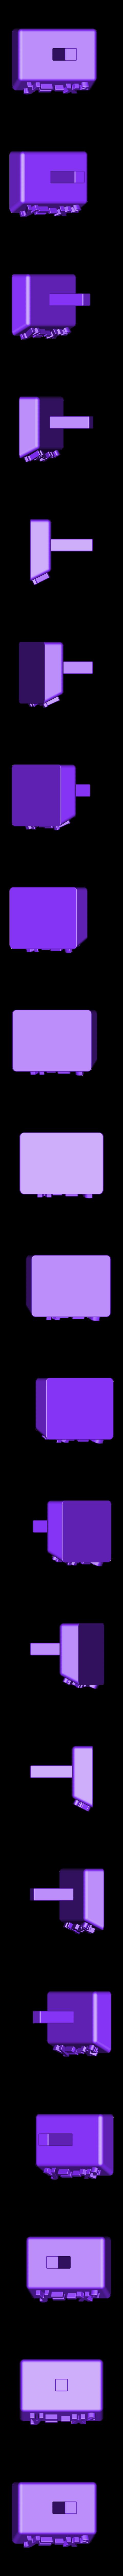 Function_Stickman_y-x²_bottom.stl Télécharger fichier STL gratuit Dancing Function Stickmen • Plan pour impression 3D, Chrisibub